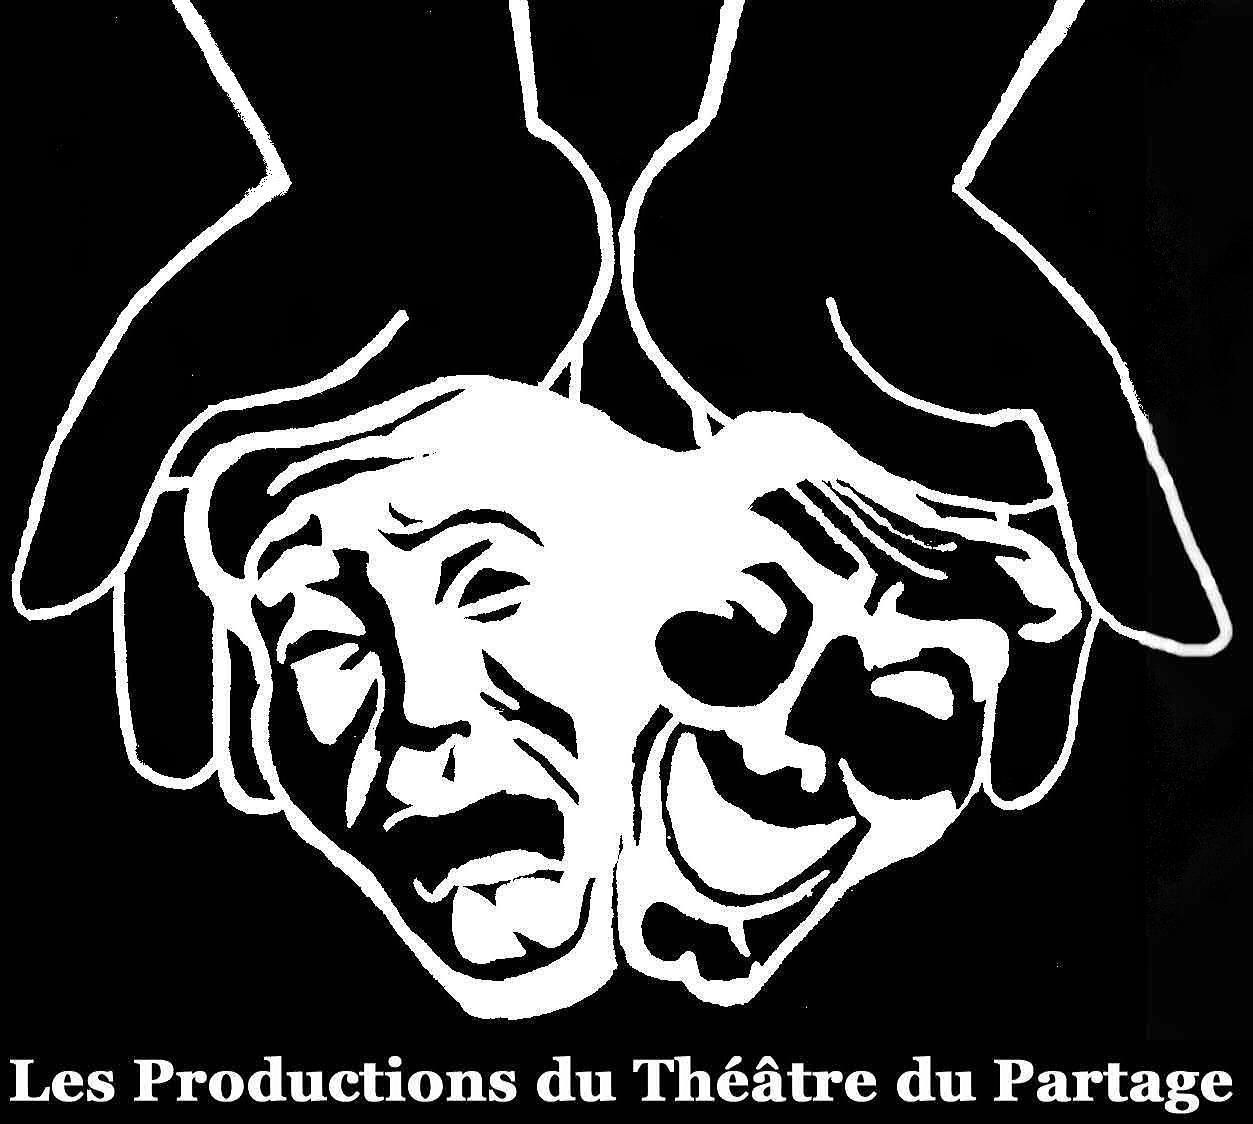 Les Productions du Théatre du Partage